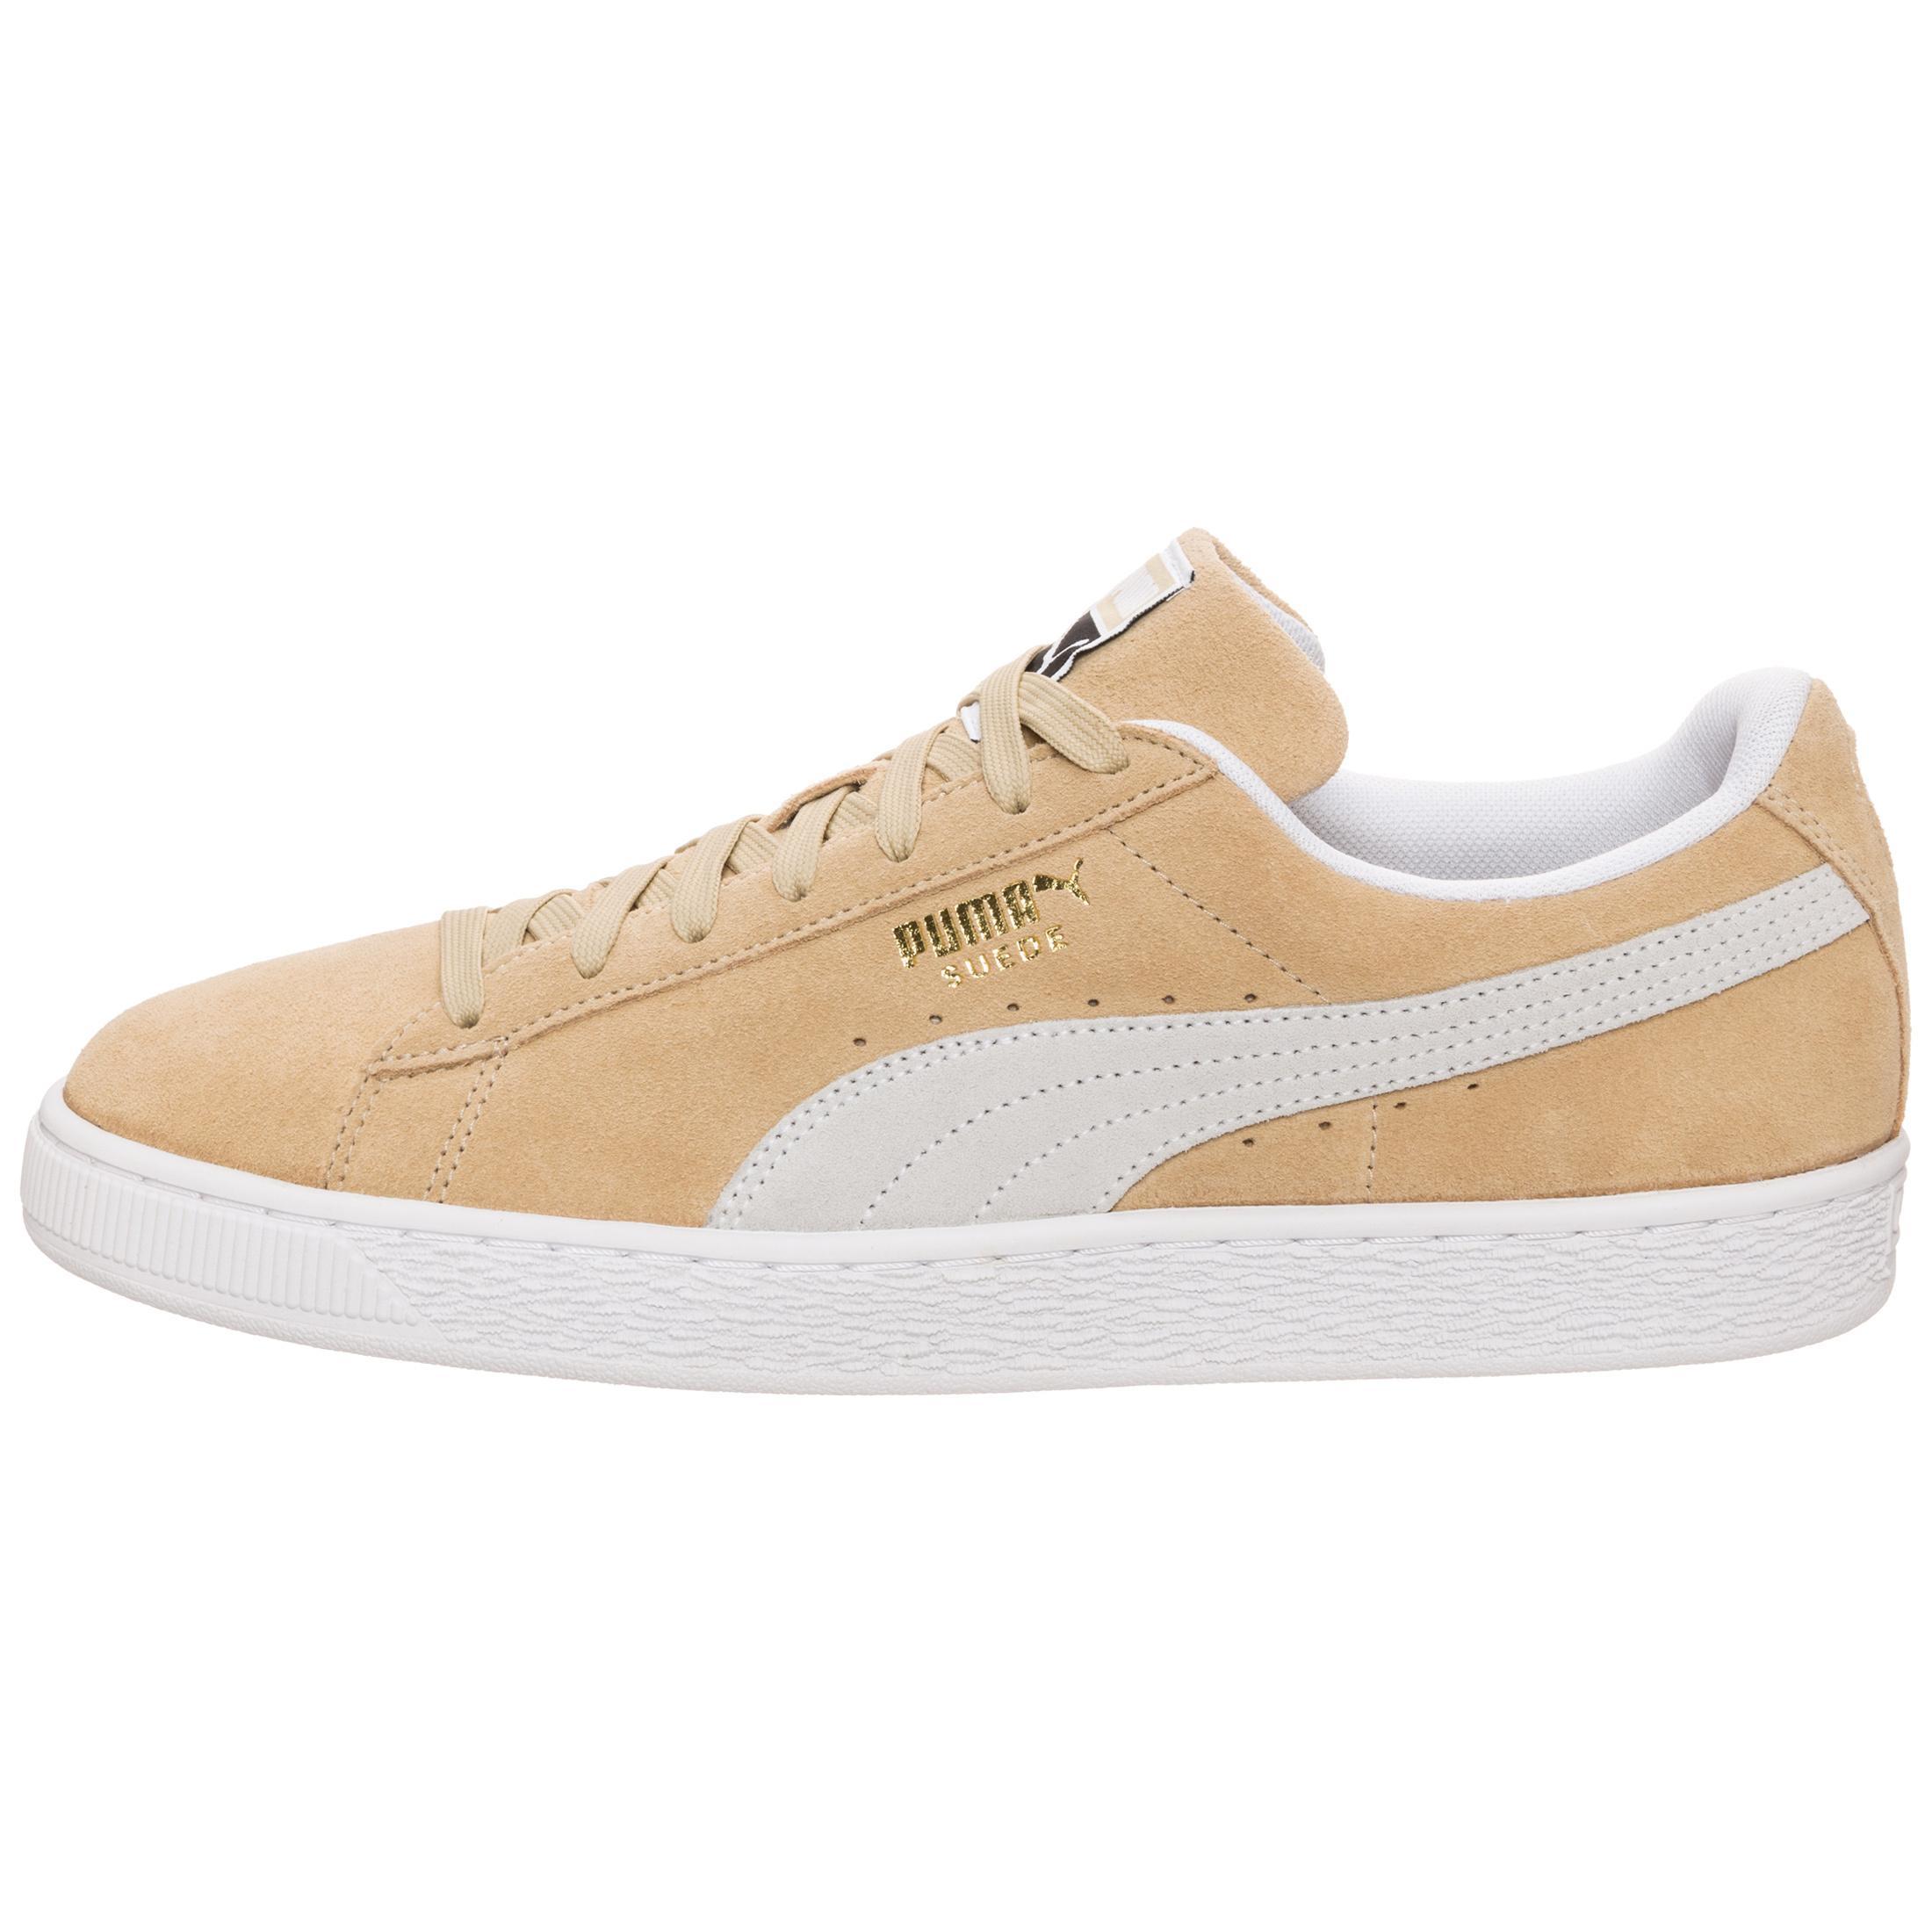 PUMA Suede Classic Turnschuhe Turnschuhe Turnschuhe Herren braun   weiß im Online Shop von SportScheck kaufen Gute Qualität beliebte Schuhe f26650